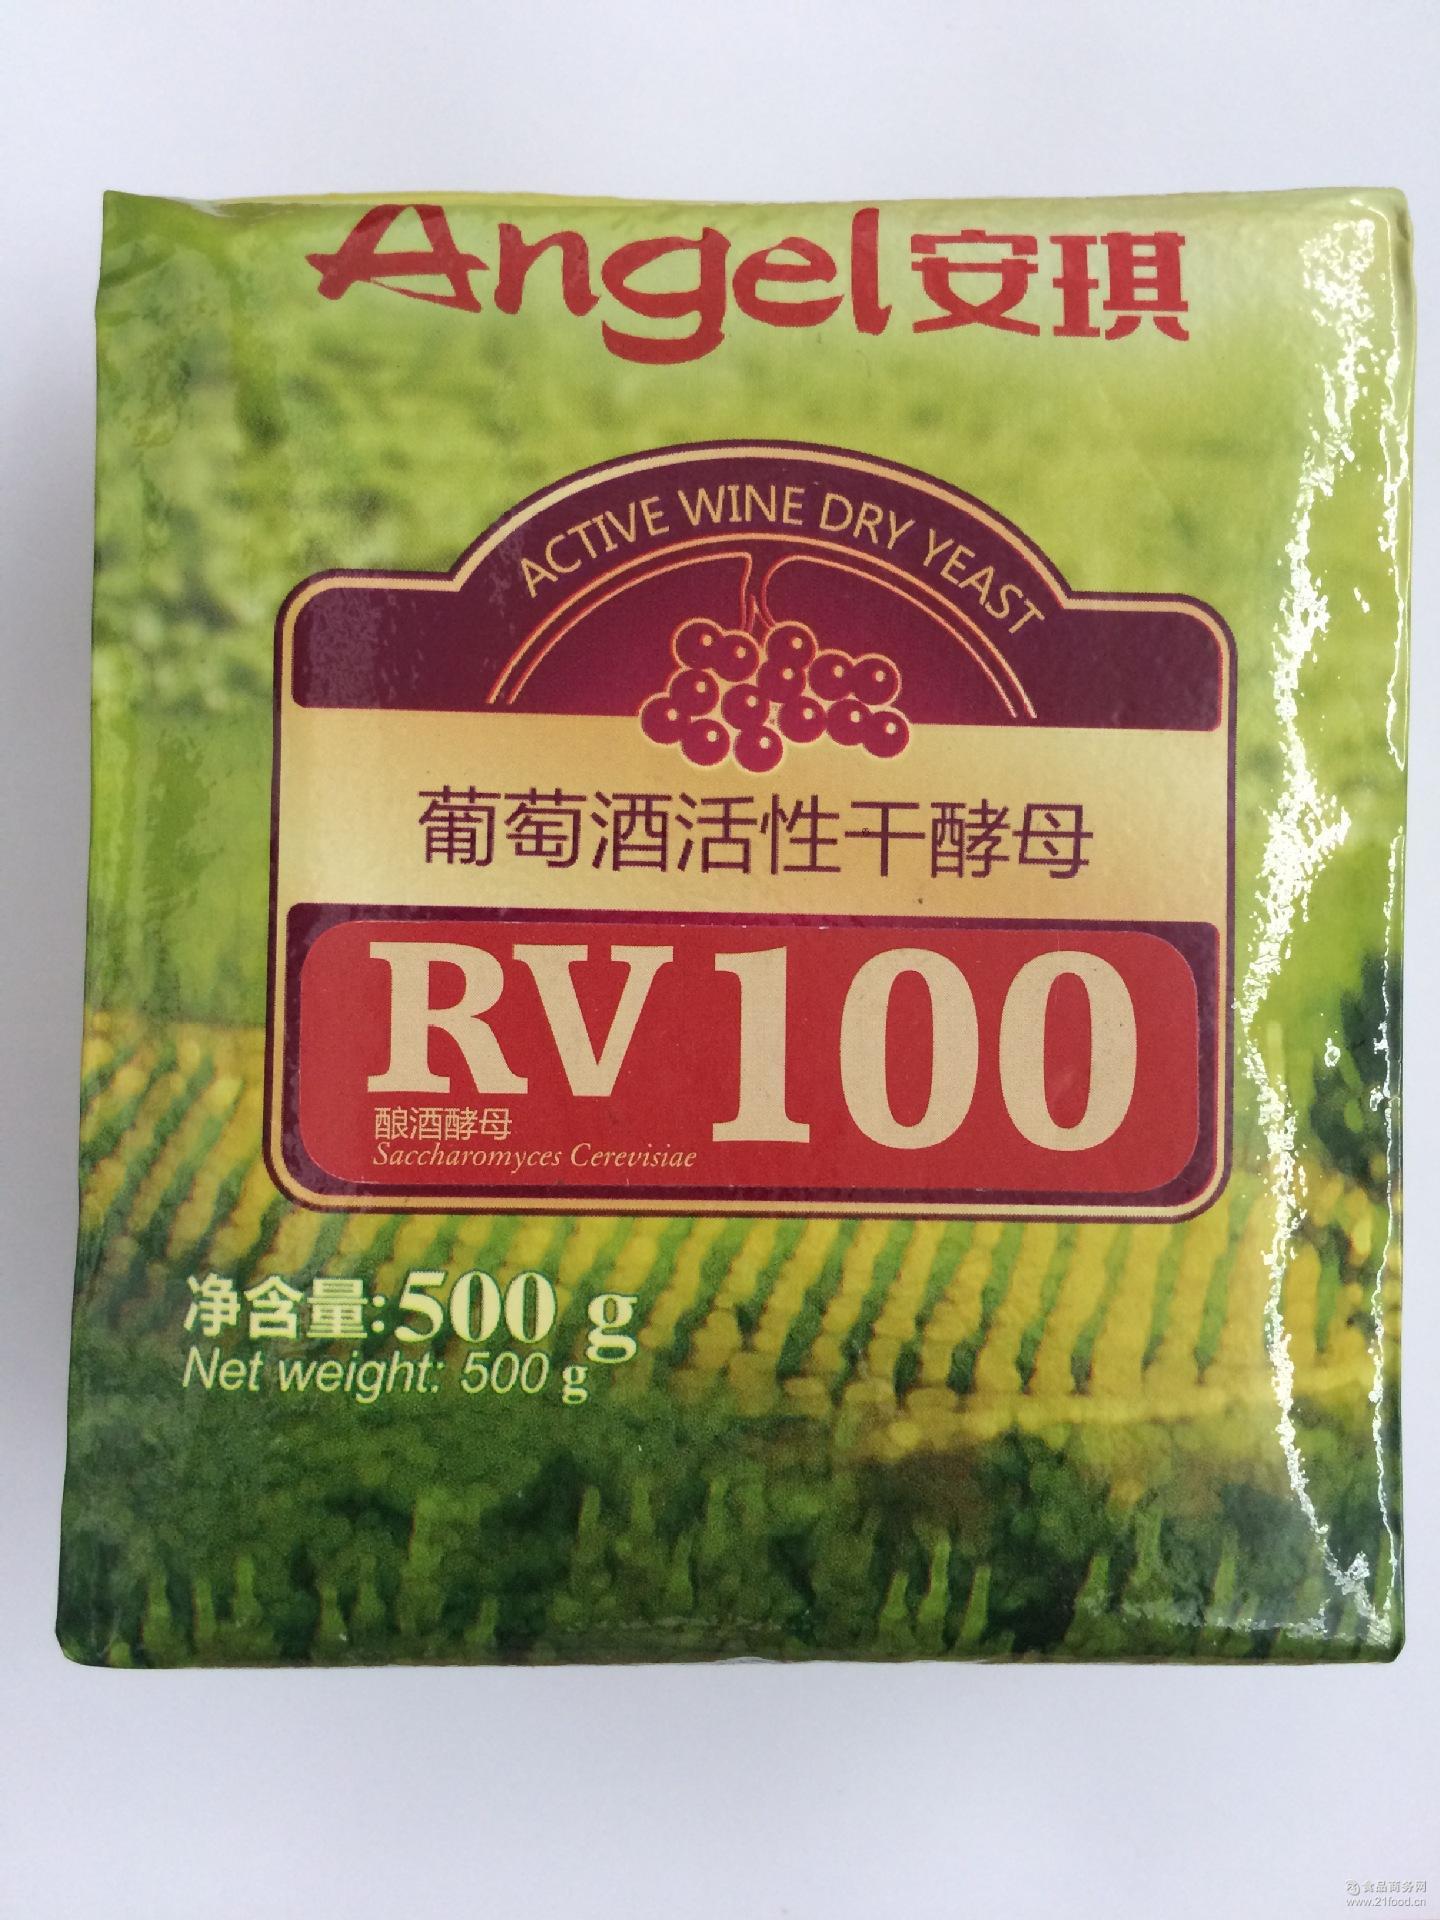 超强抗逆 优抗酵母 RV100 安琪Angel 抗逆酵母 杨梅酒 可低温起酵